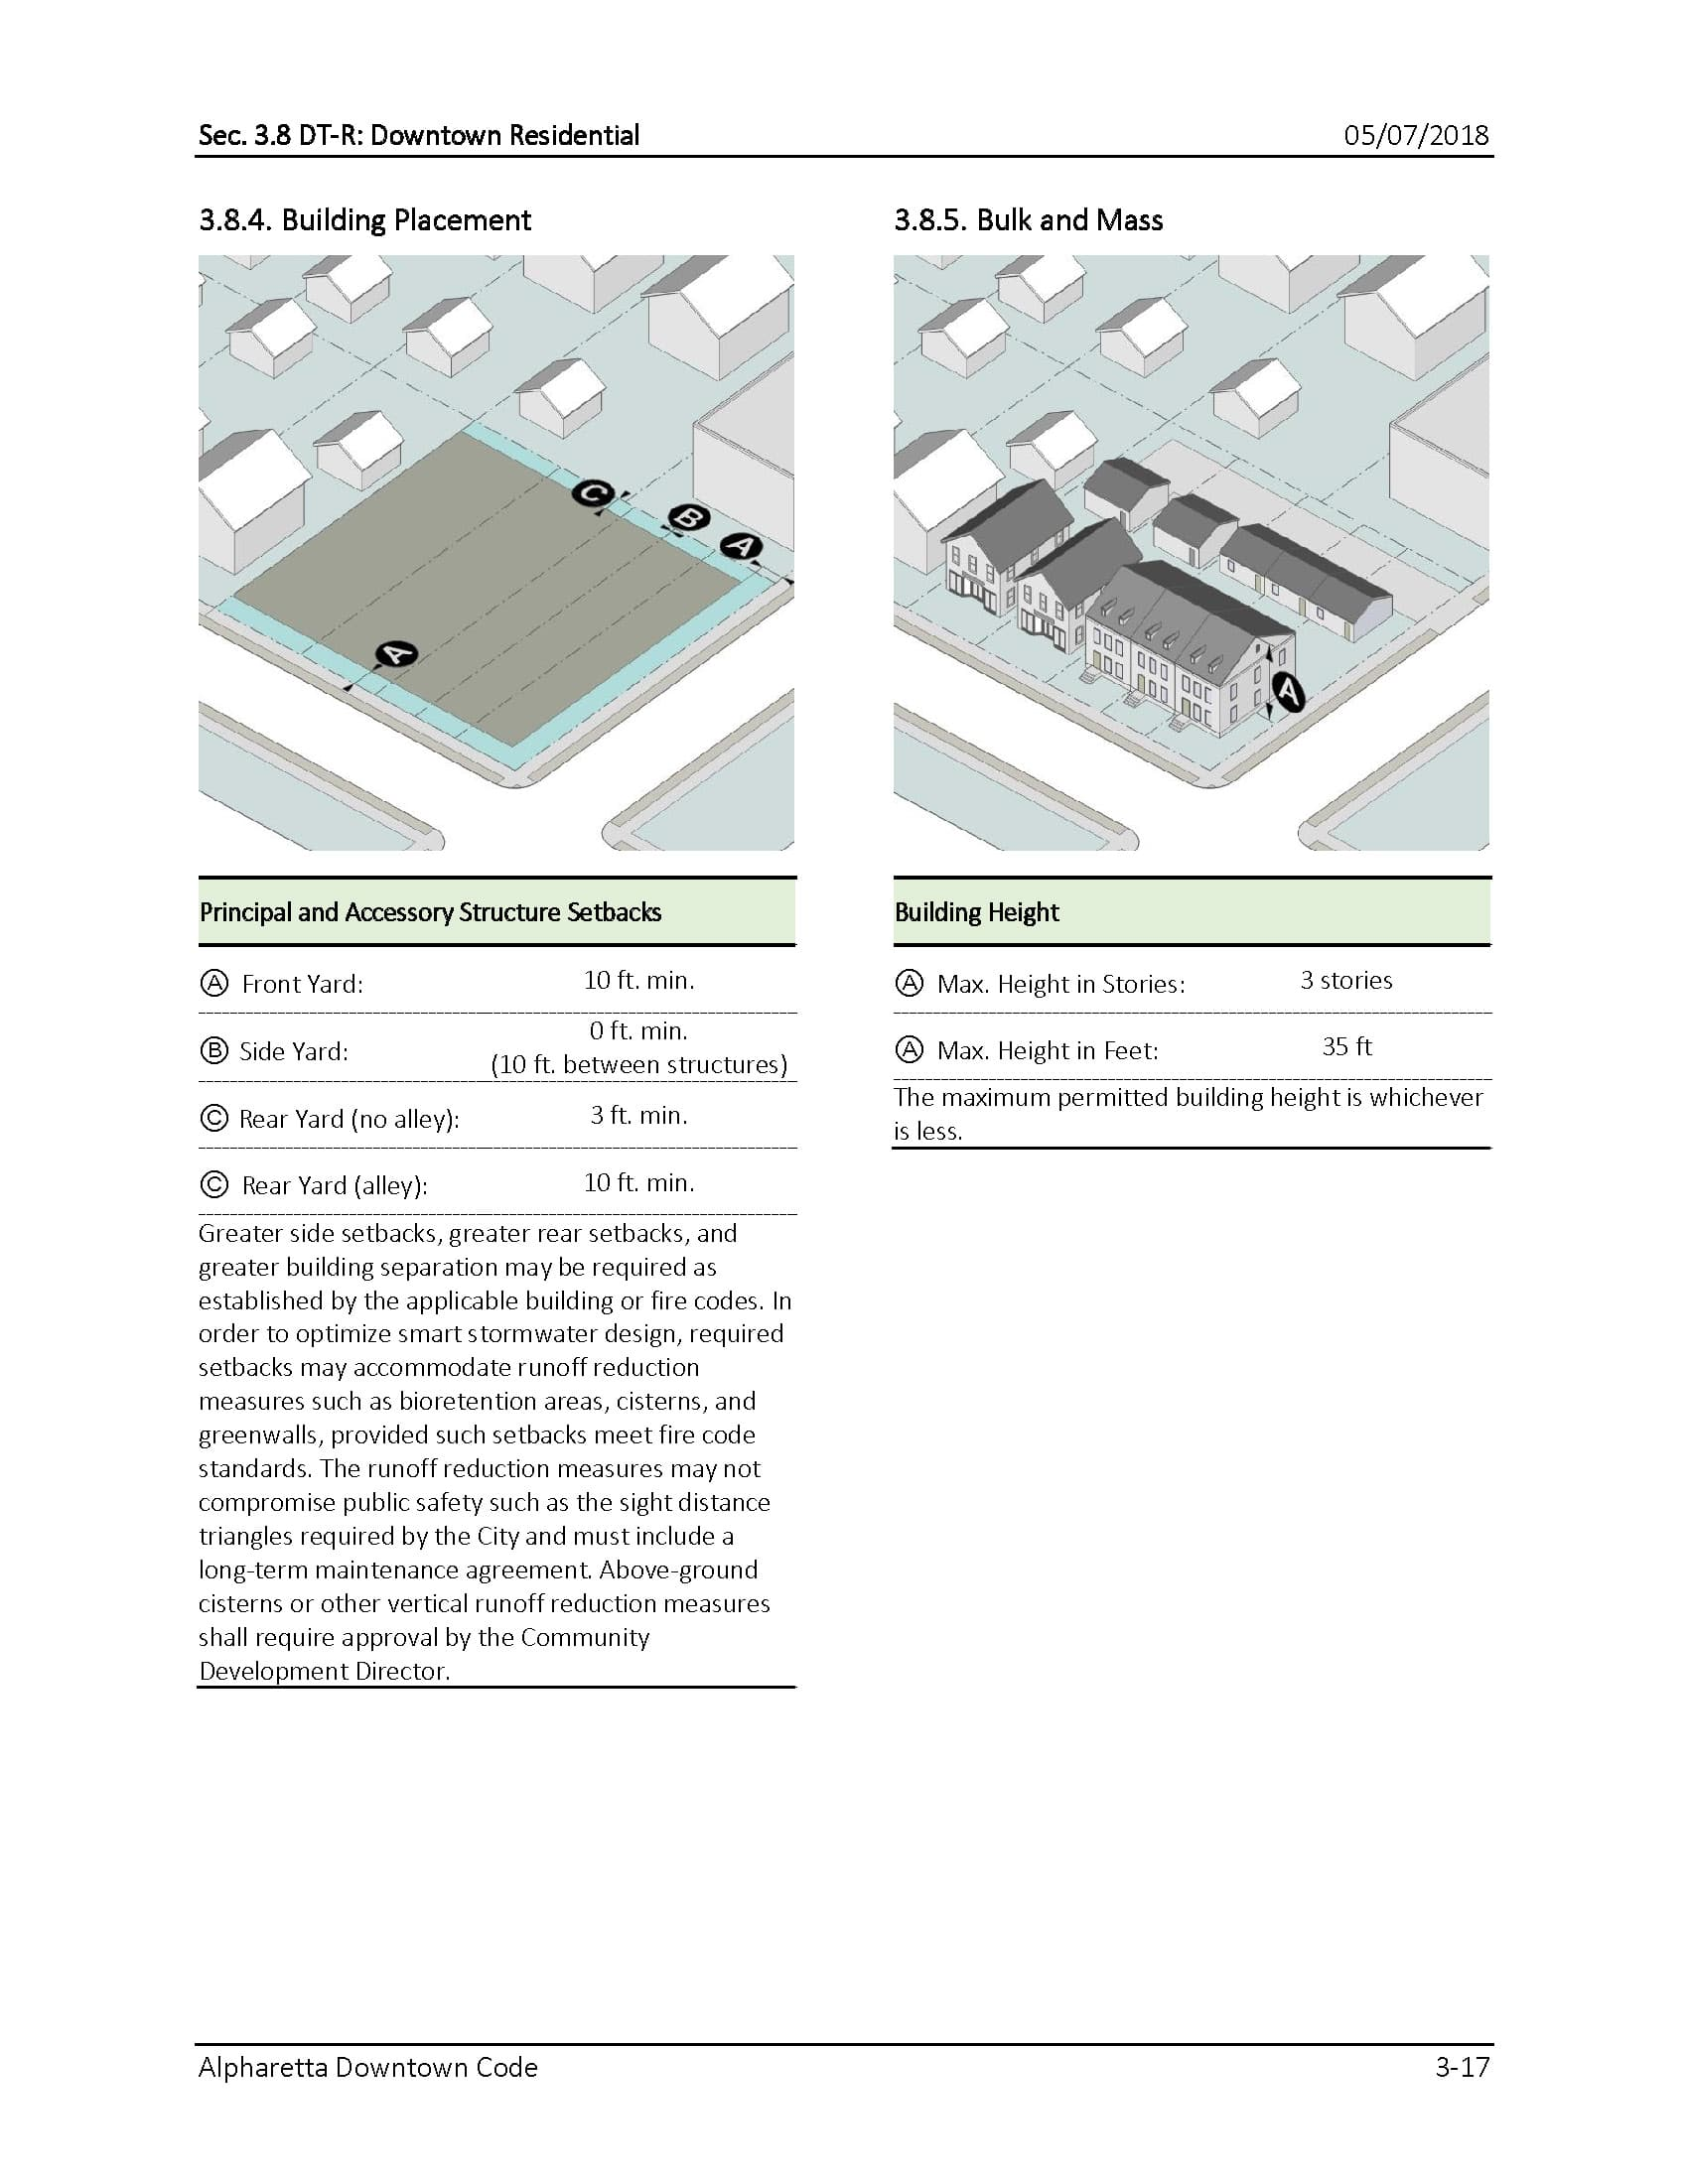 TSW AlpharettaCode-8 Alpharetta Downtown Design Guidelines    TSW